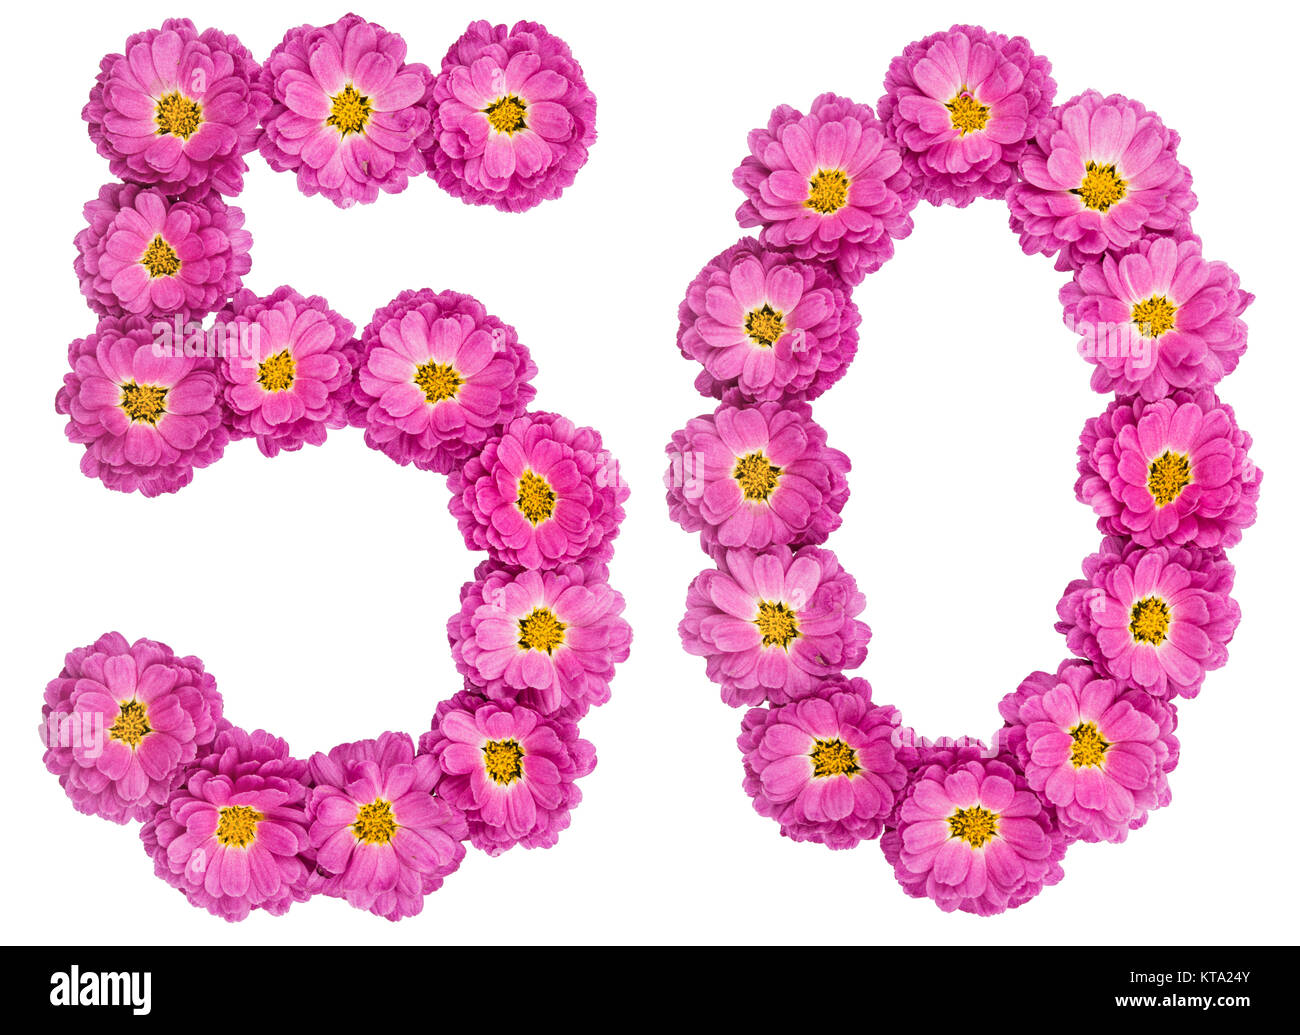 arabische zahlen 50 50 von blumen der chrysantheme auf wei em hintergrund stockfoto bild. Black Bedroom Furniture Sets. Home Design Ideas